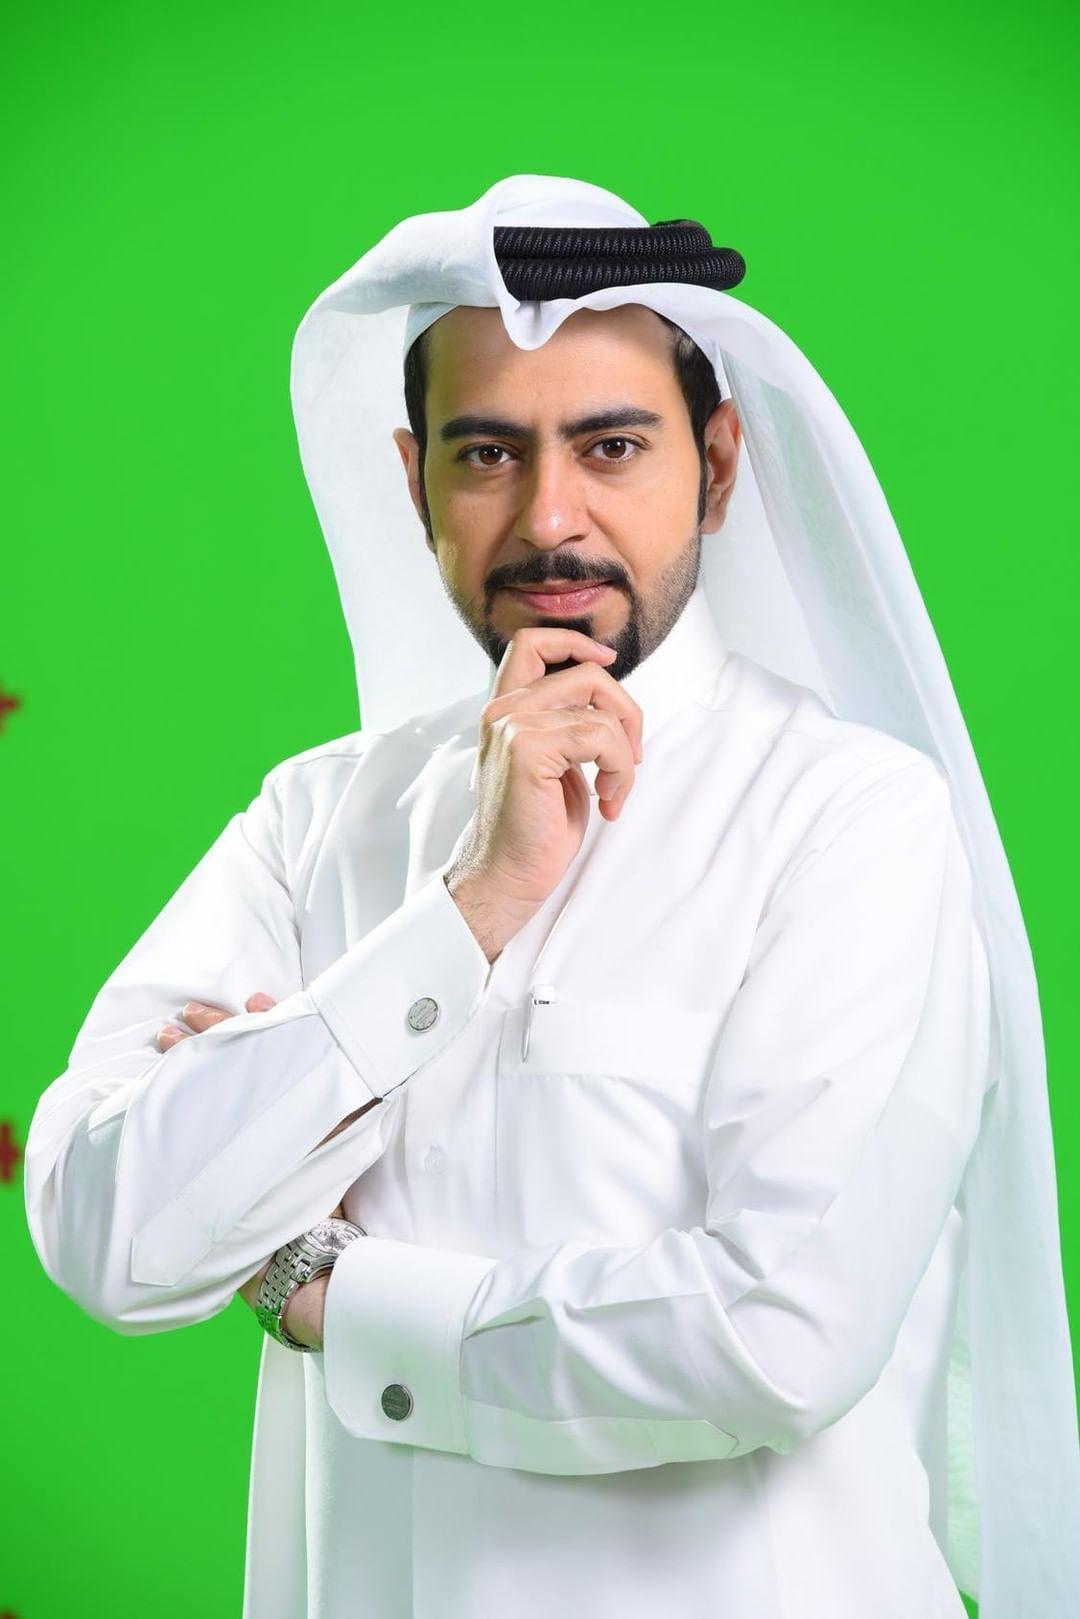 Mohammed Al-Jefairi